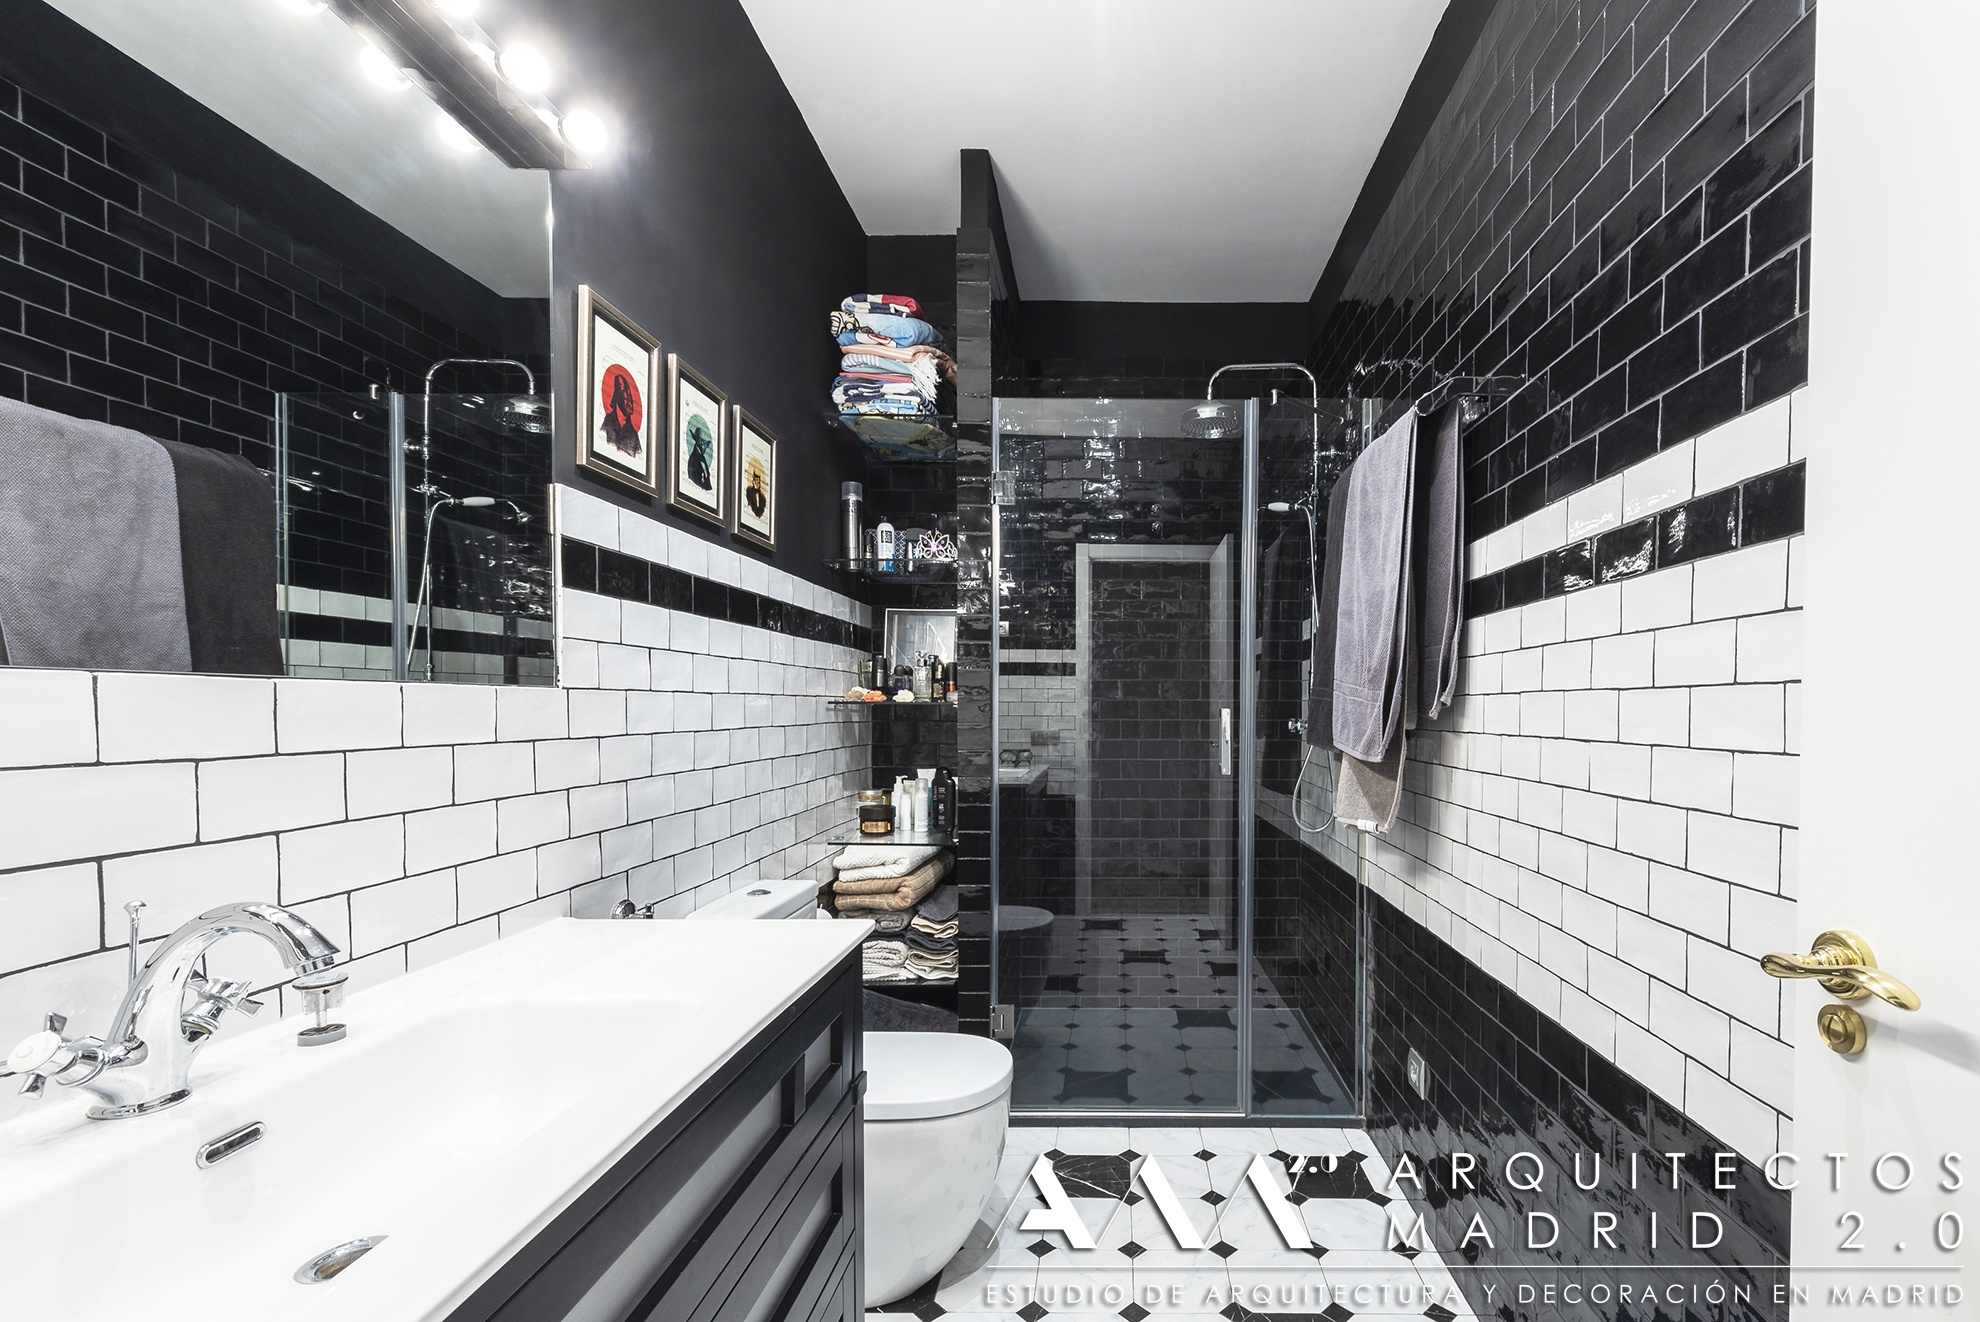 reforma-proyecto-vivienda-chamberi-arquitectos-madrid-decoracion-banos-retro-vintage-02